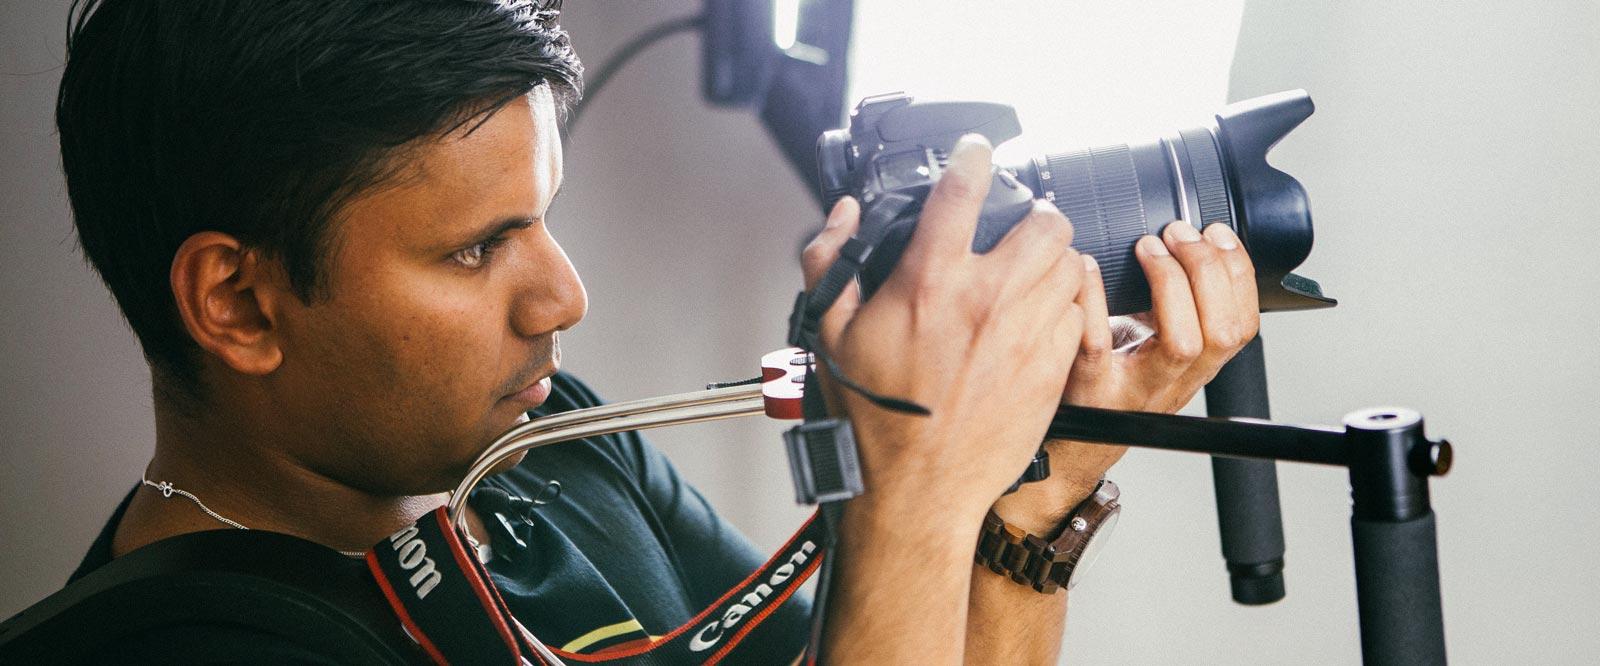 Onlinekurs Filma med din systemkamera